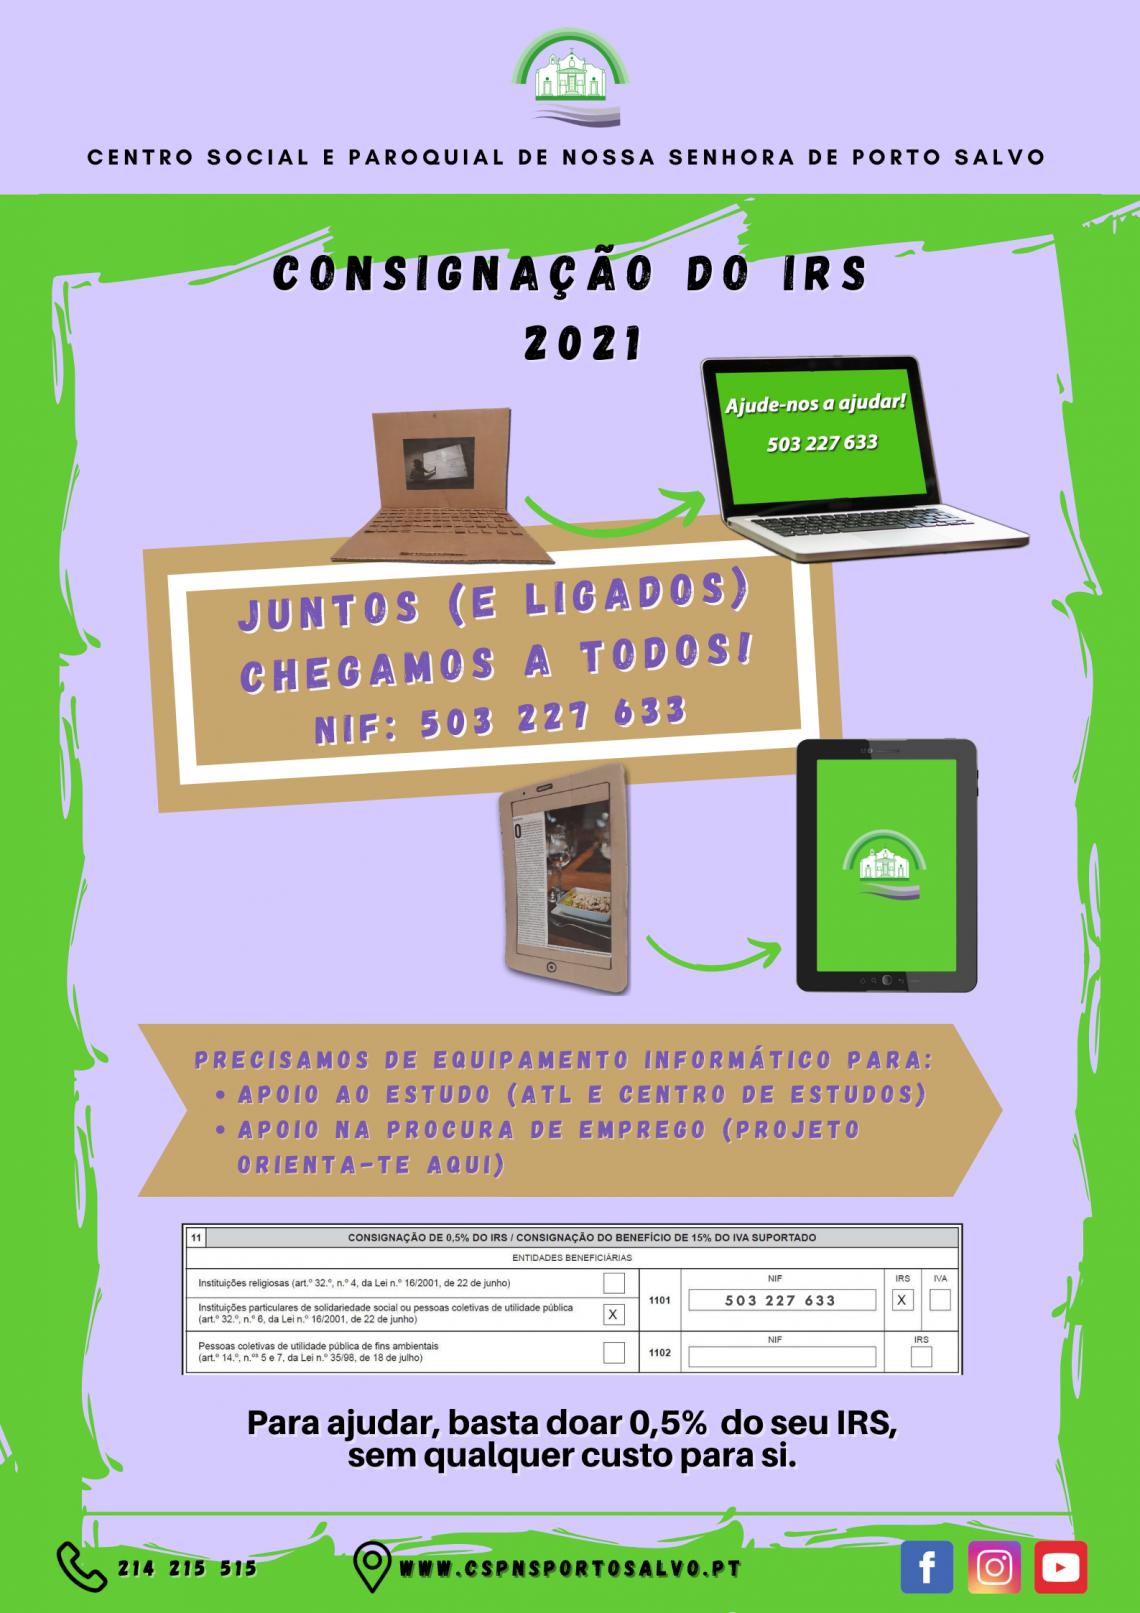 Consignação do IRS 2021